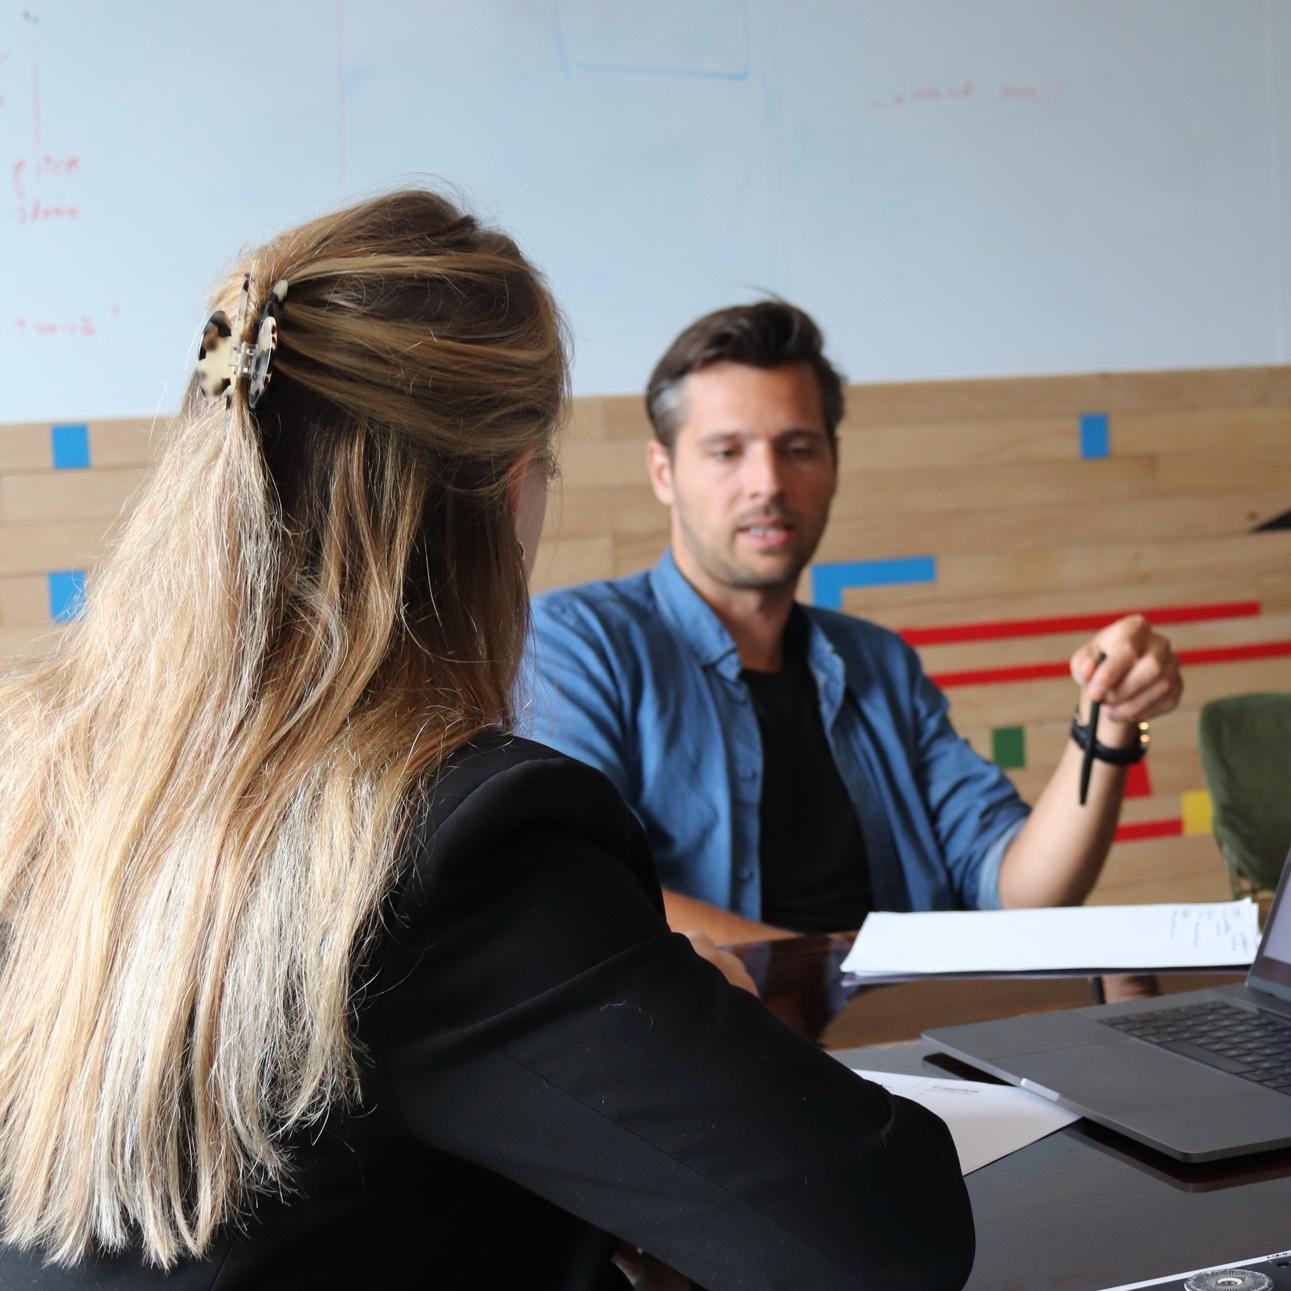 Unplugged collega Thijs interviewt een vrouw